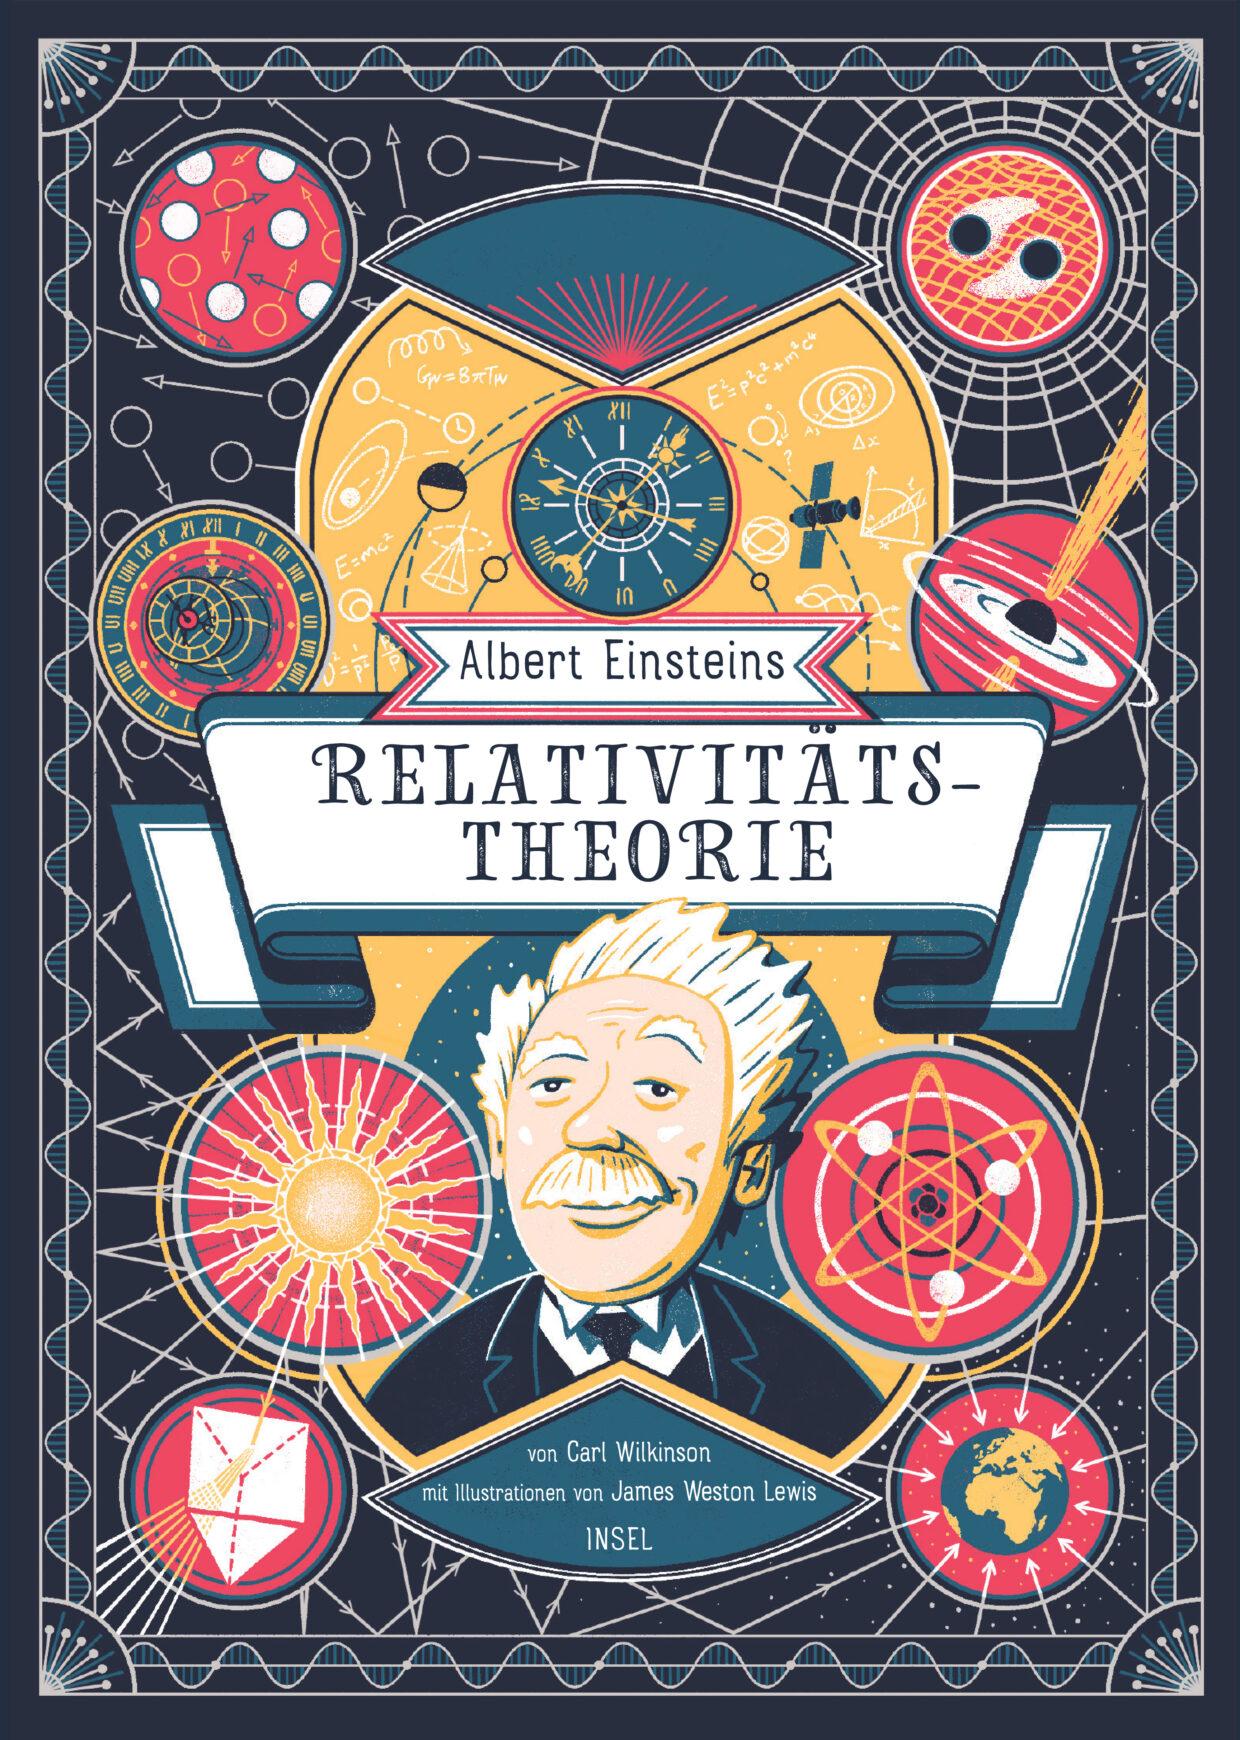 Carl Wilkinson: Einsteins Relativitätstheorie